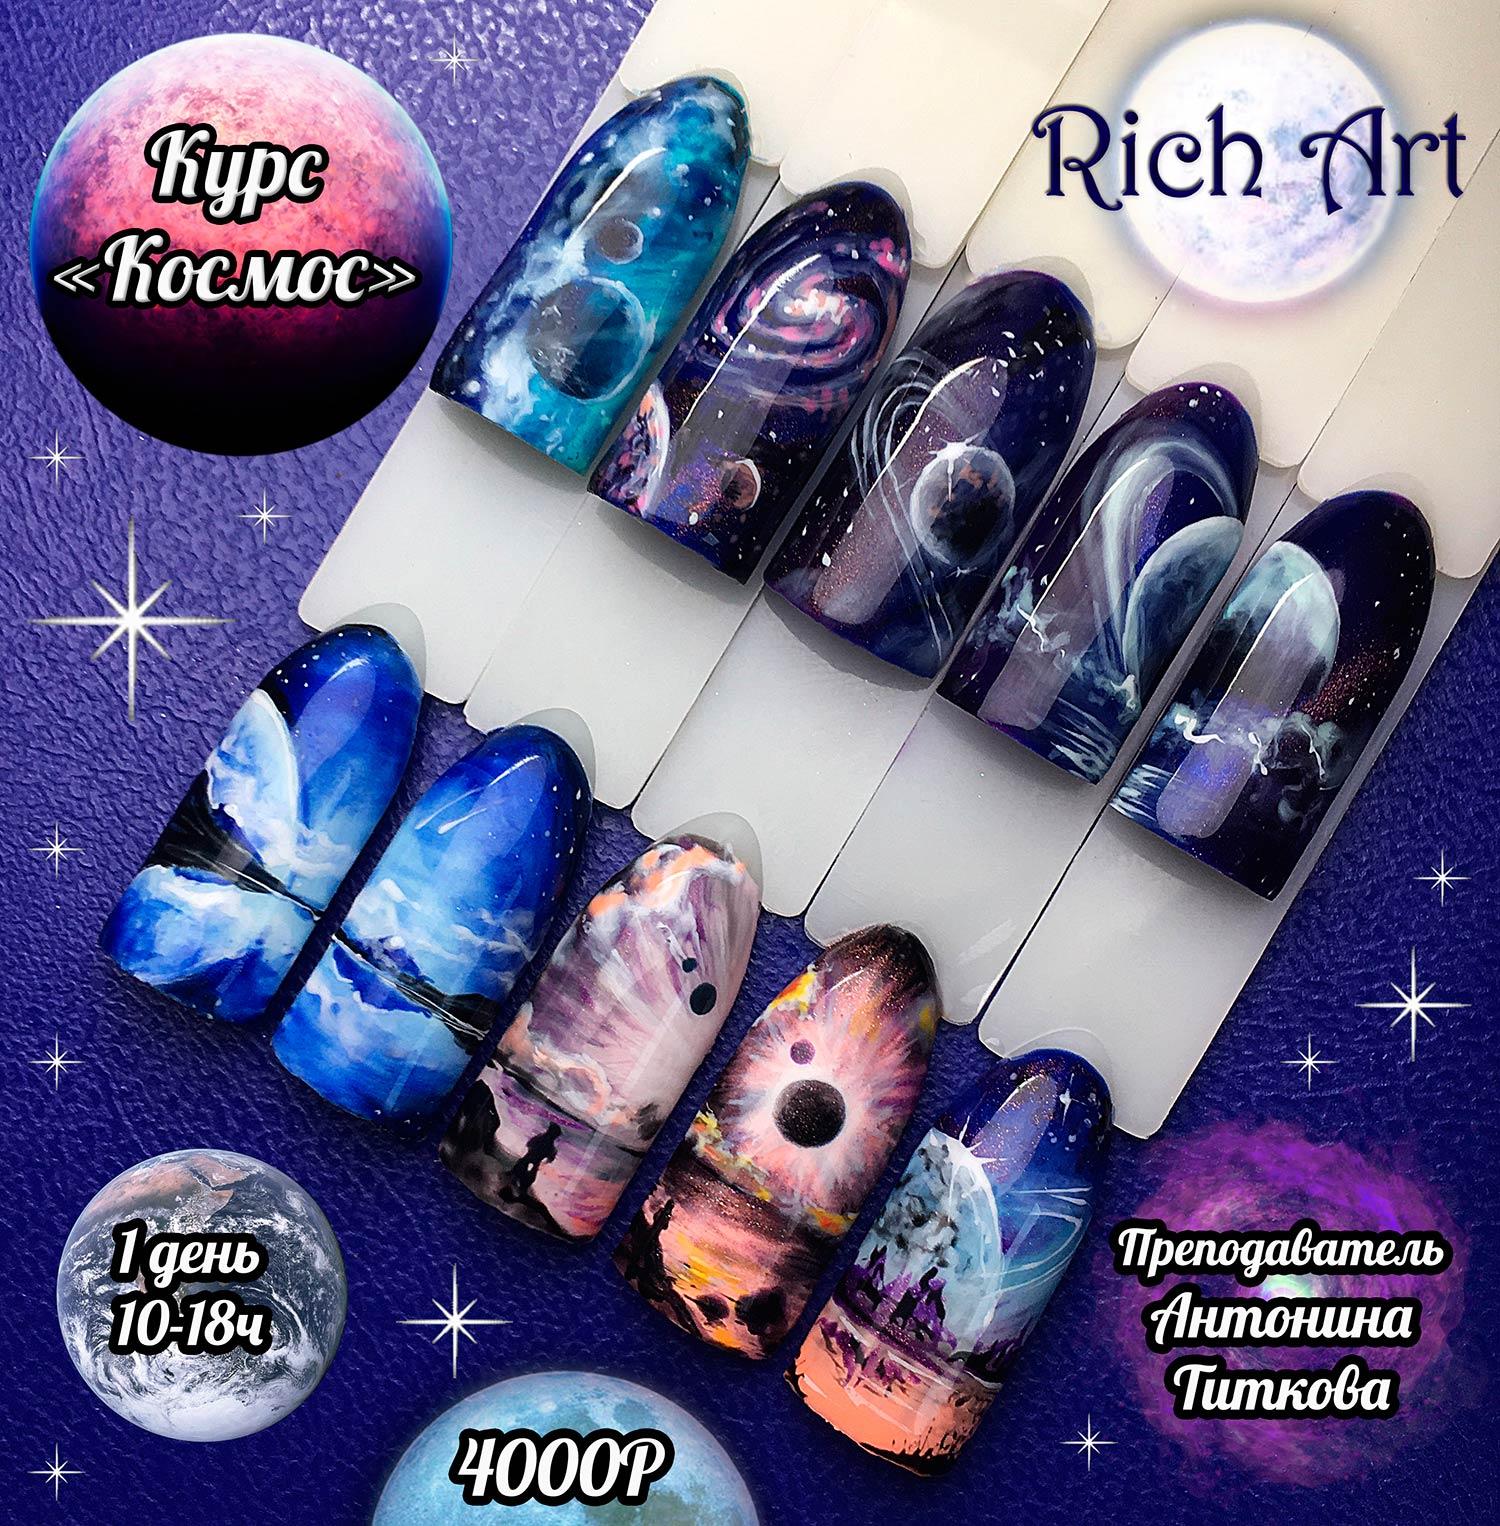 Курс росписи космос, космос на ногтях, дизайн космос на ногтях, роспись гель лаками, космический дизайн ногтей